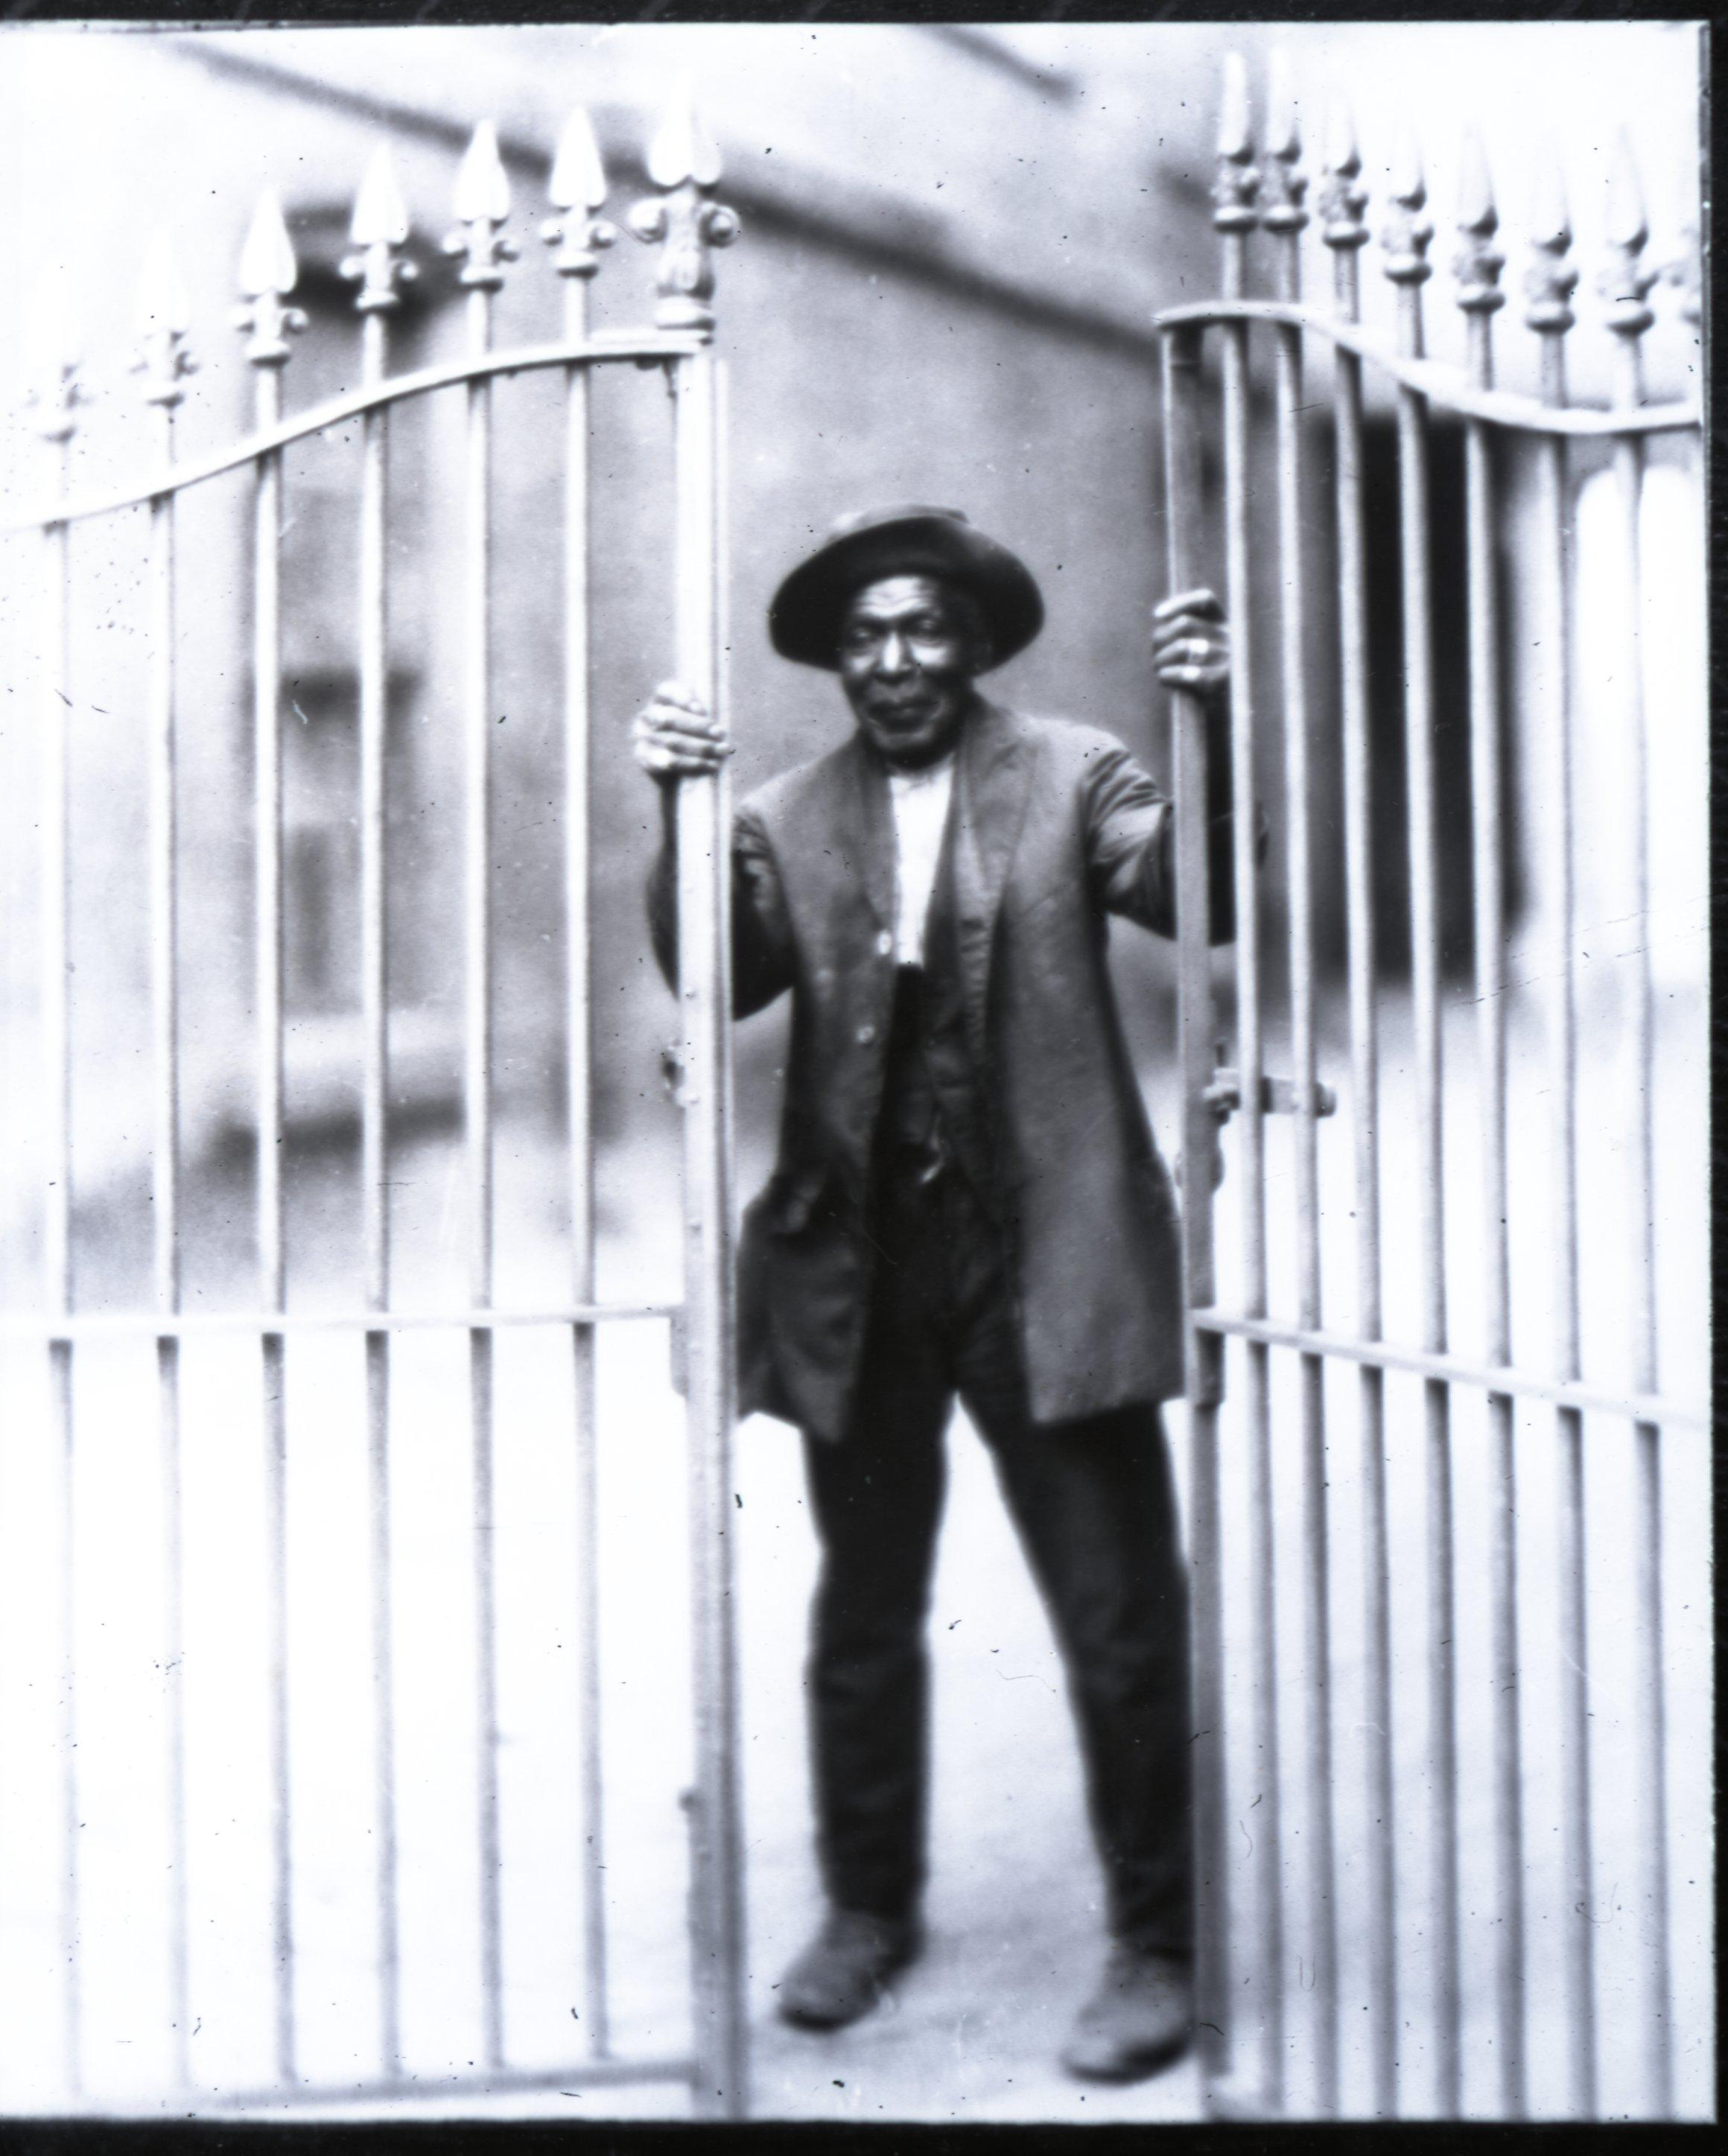 Thorton Johnson